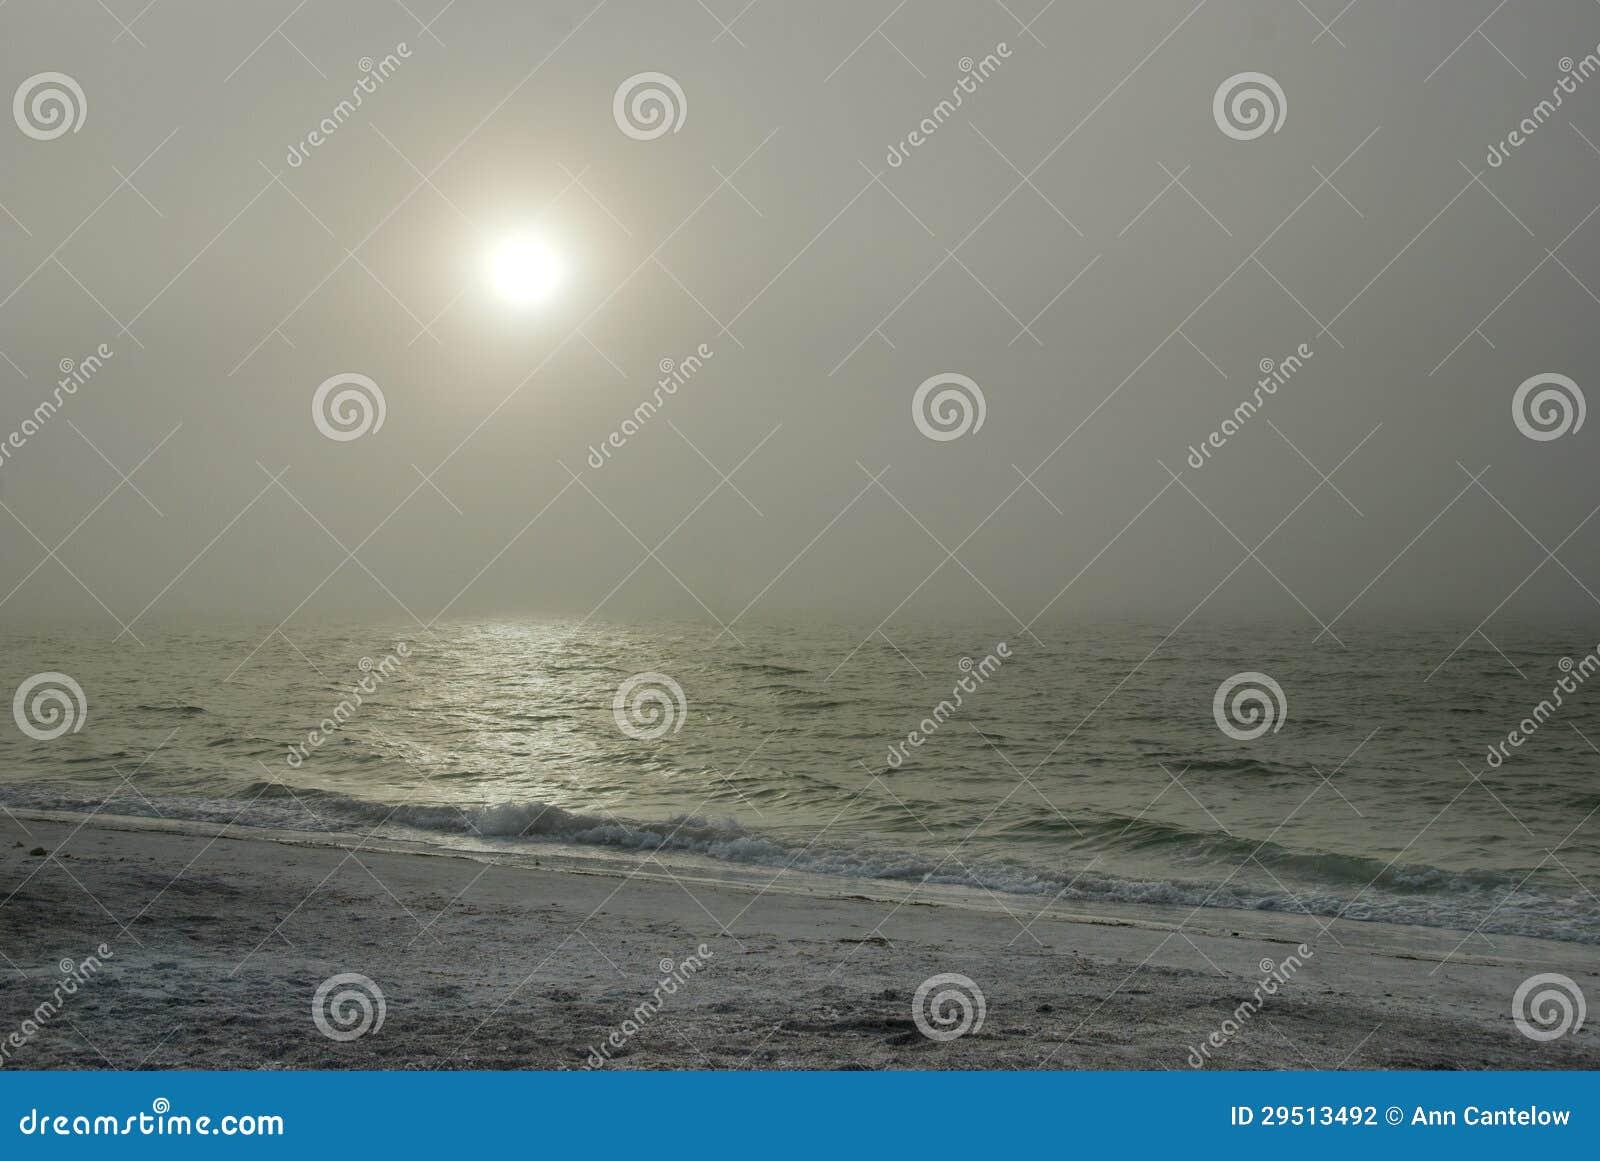 Nevelige Zon boven Oceaan